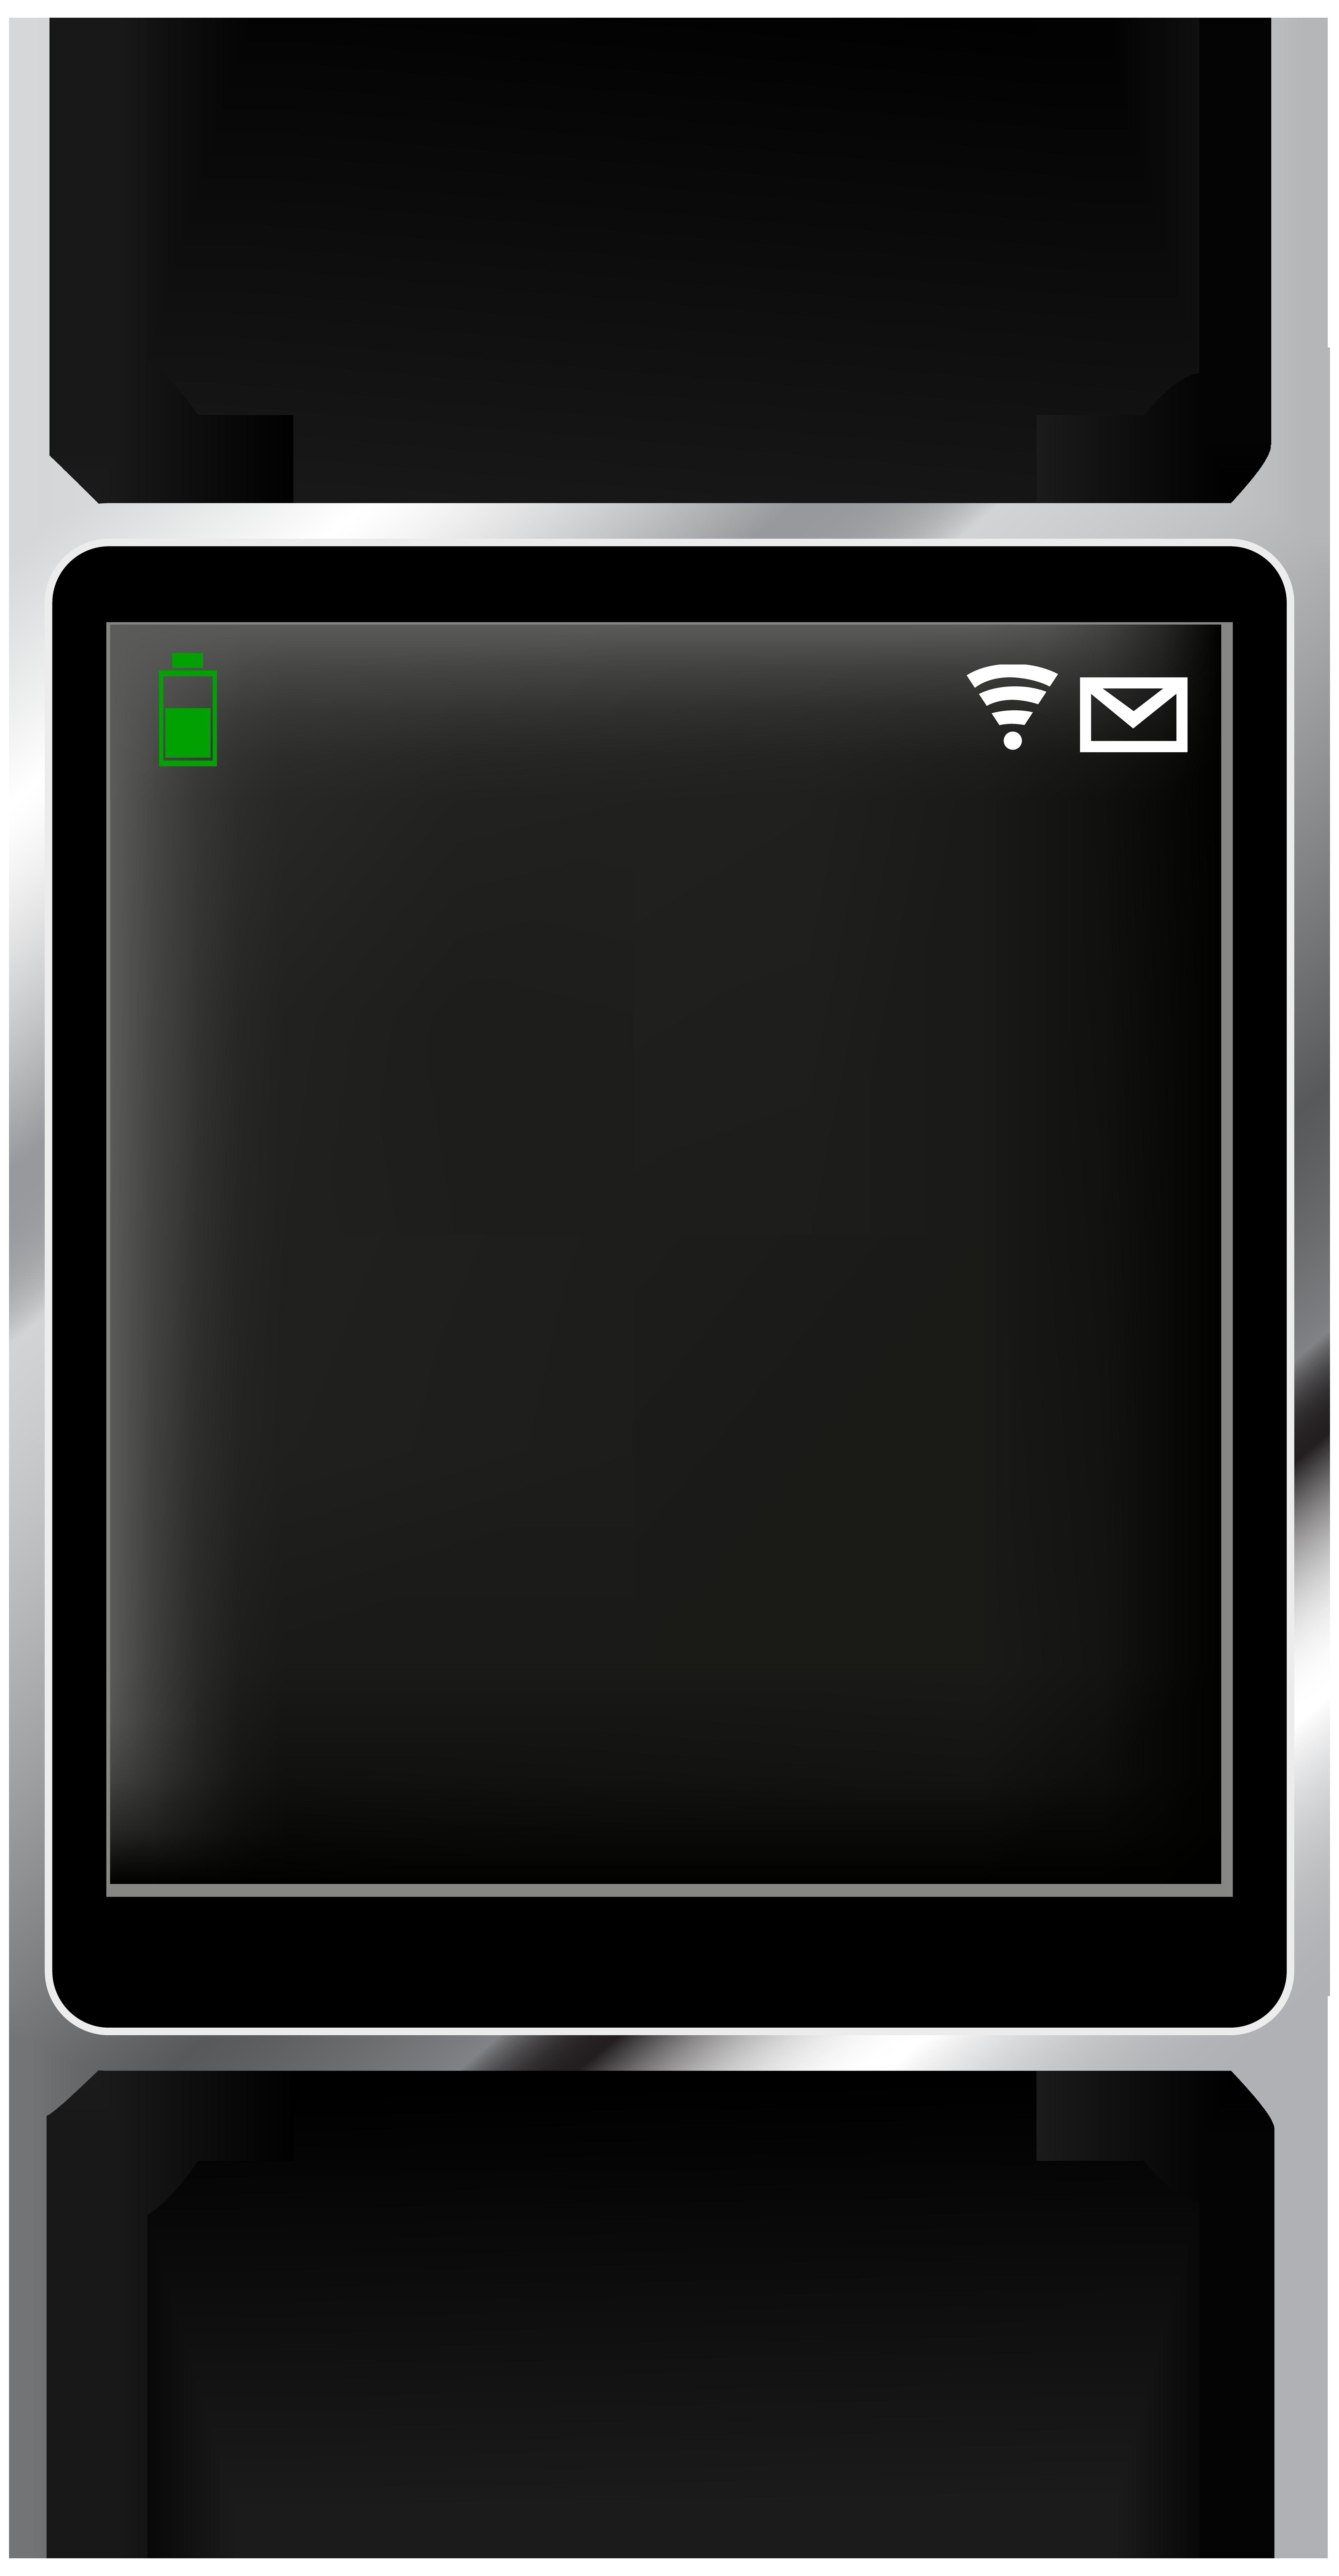 Smartwatch transparent png clip. Electronics clipart electronic gadget